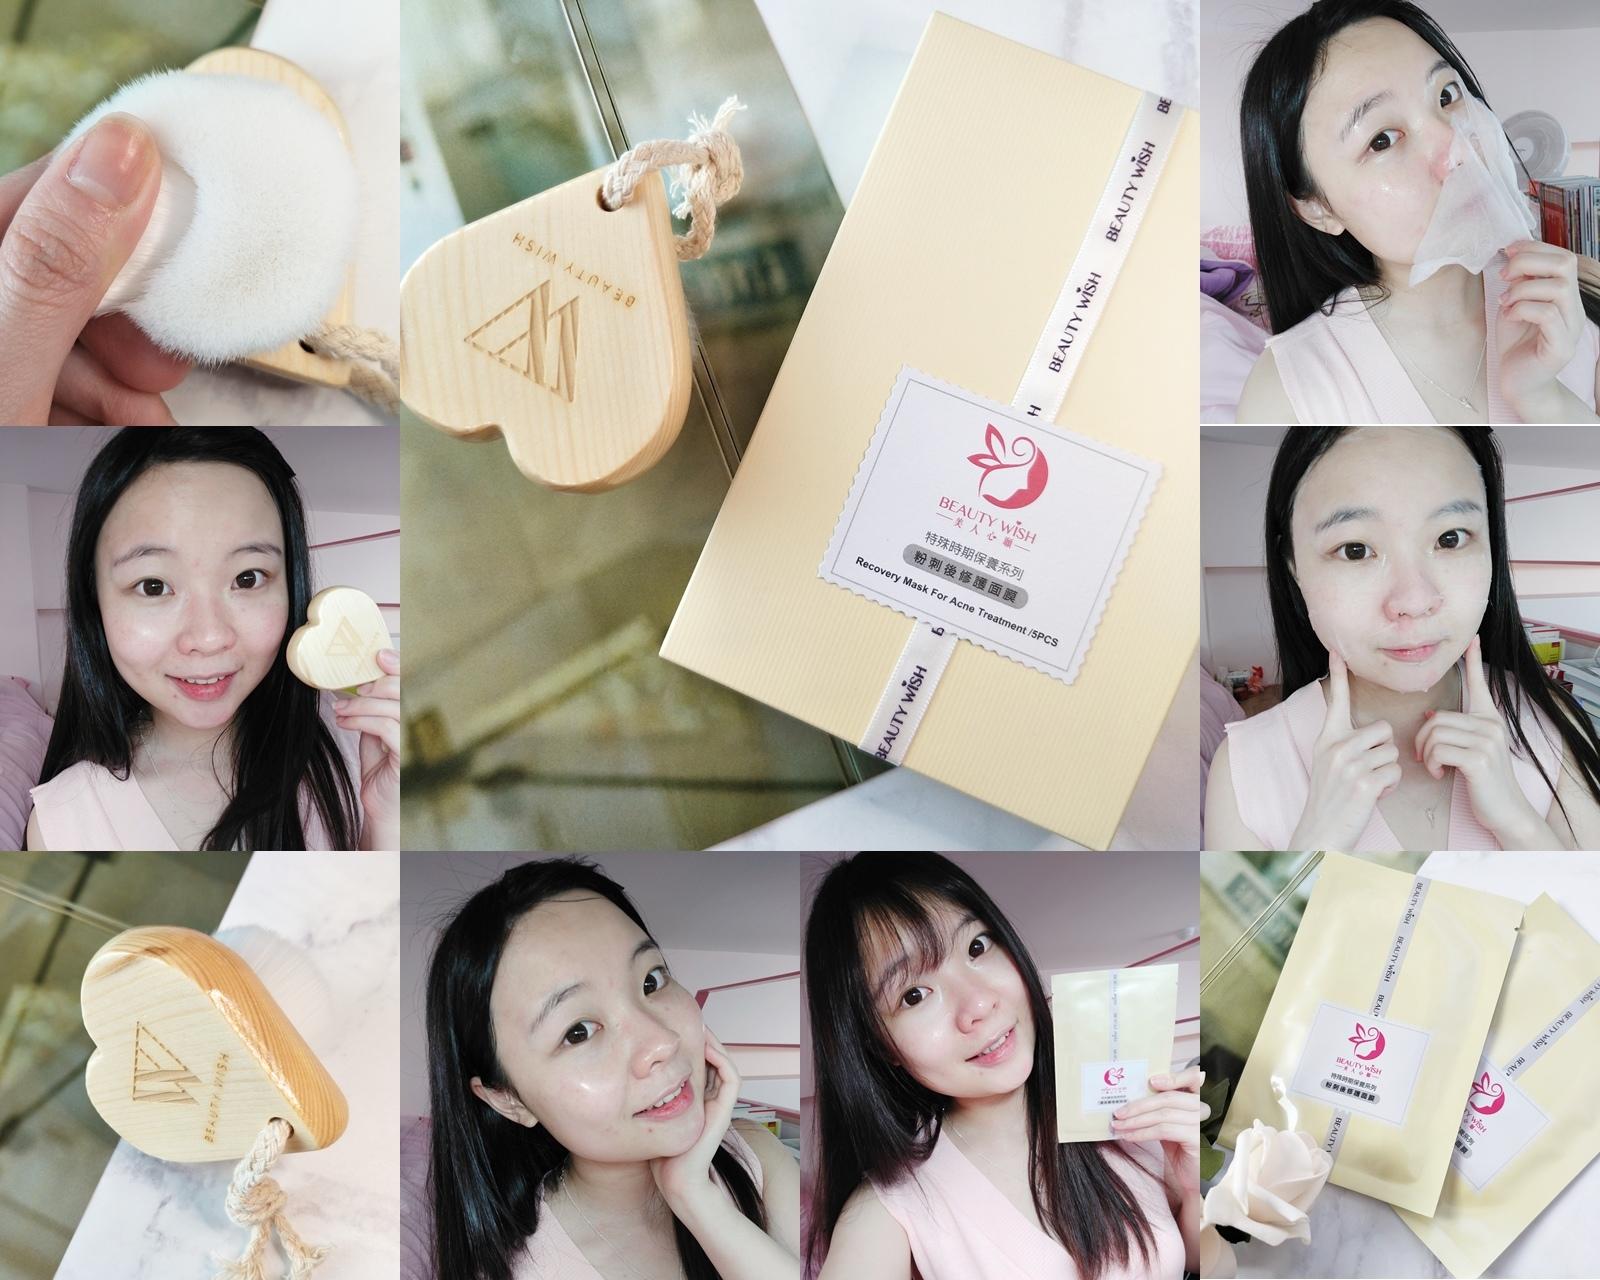 BeautyWishMask-粉刺後修護面膜-超細毛潔顏刷